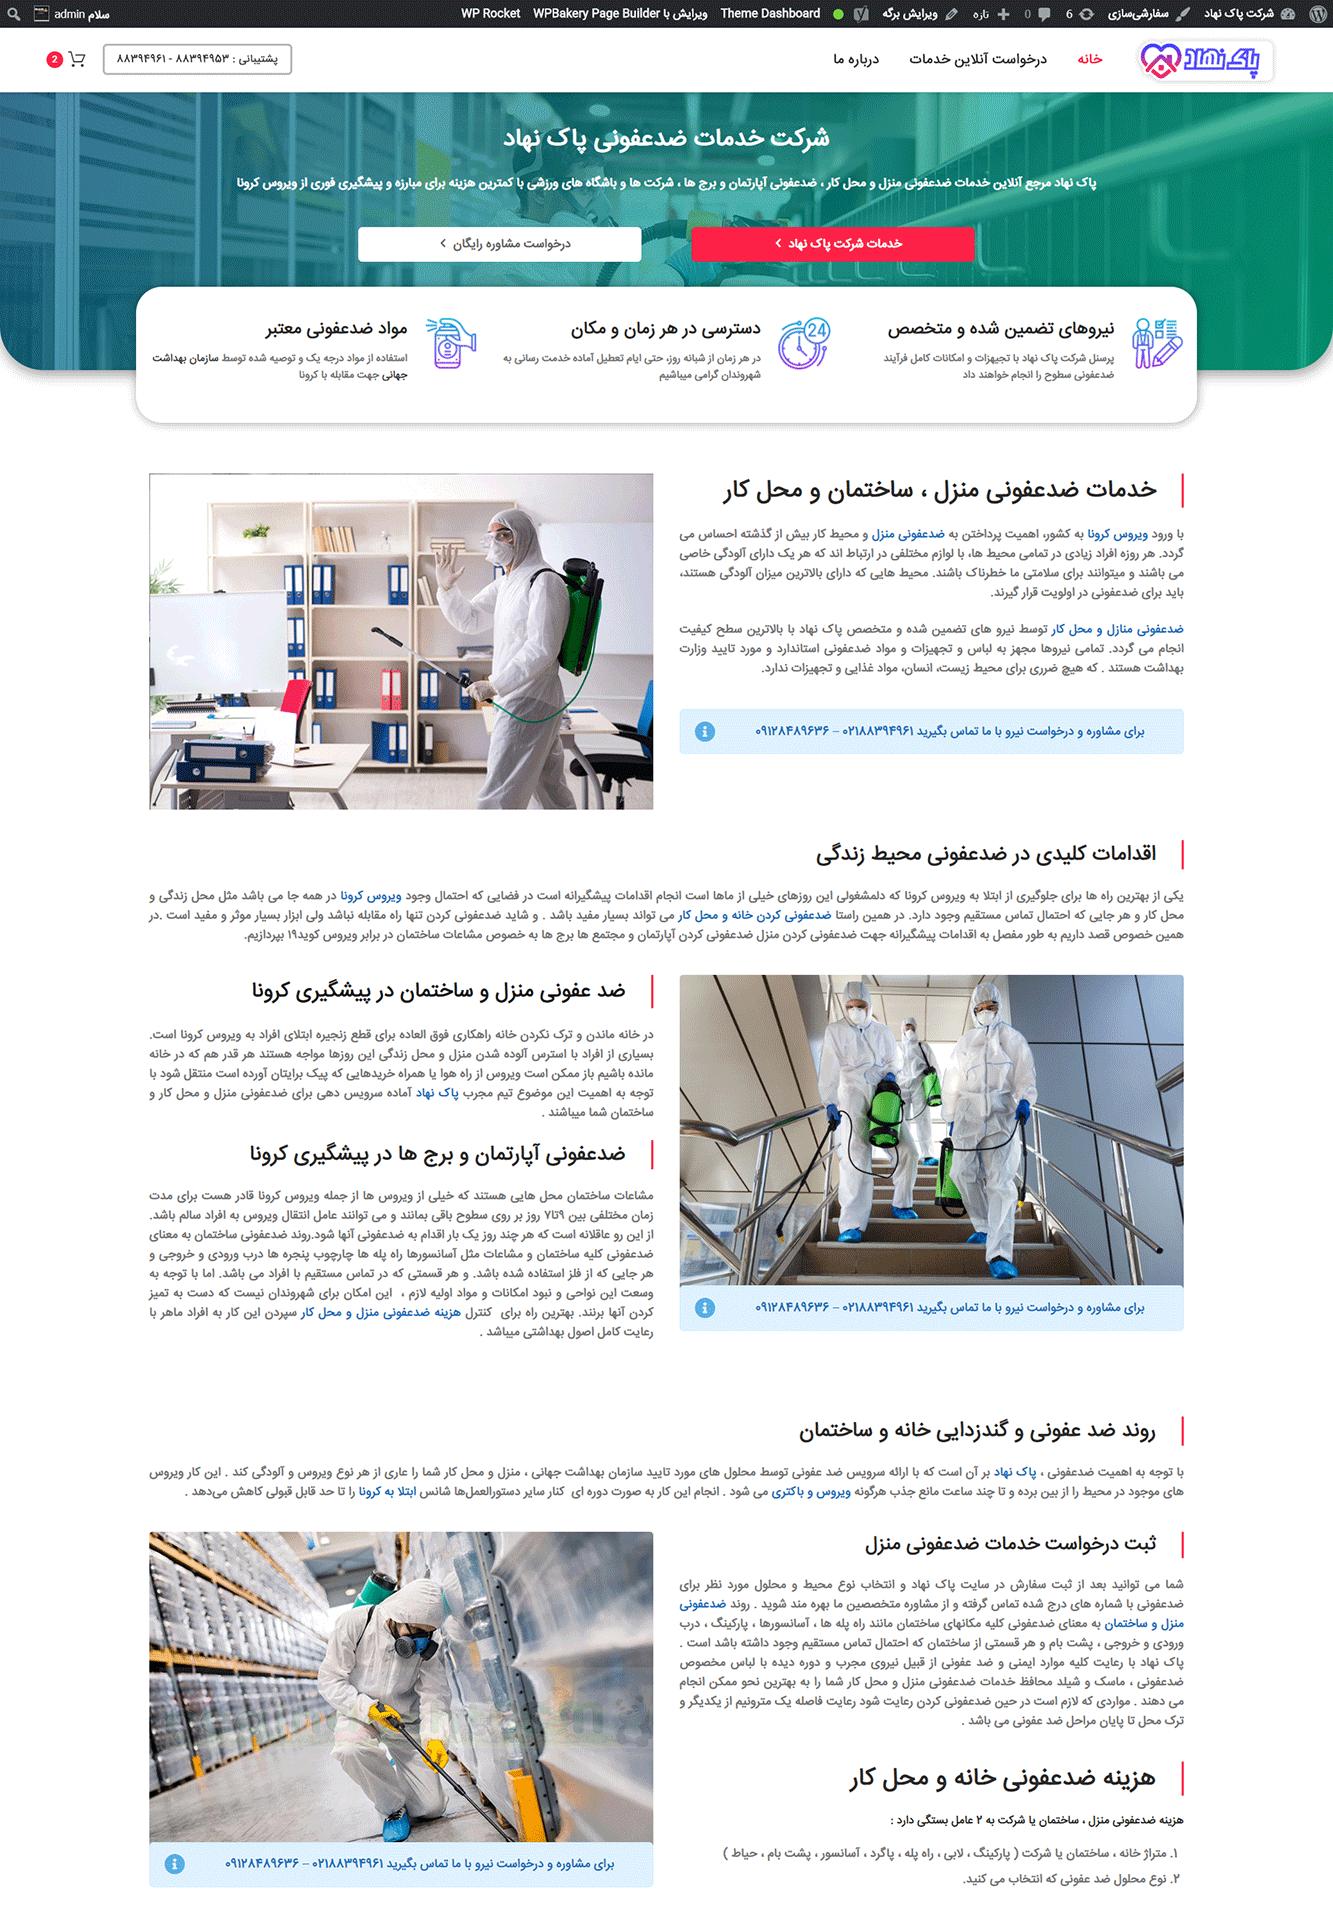 طراحی سایت پاک نهاد